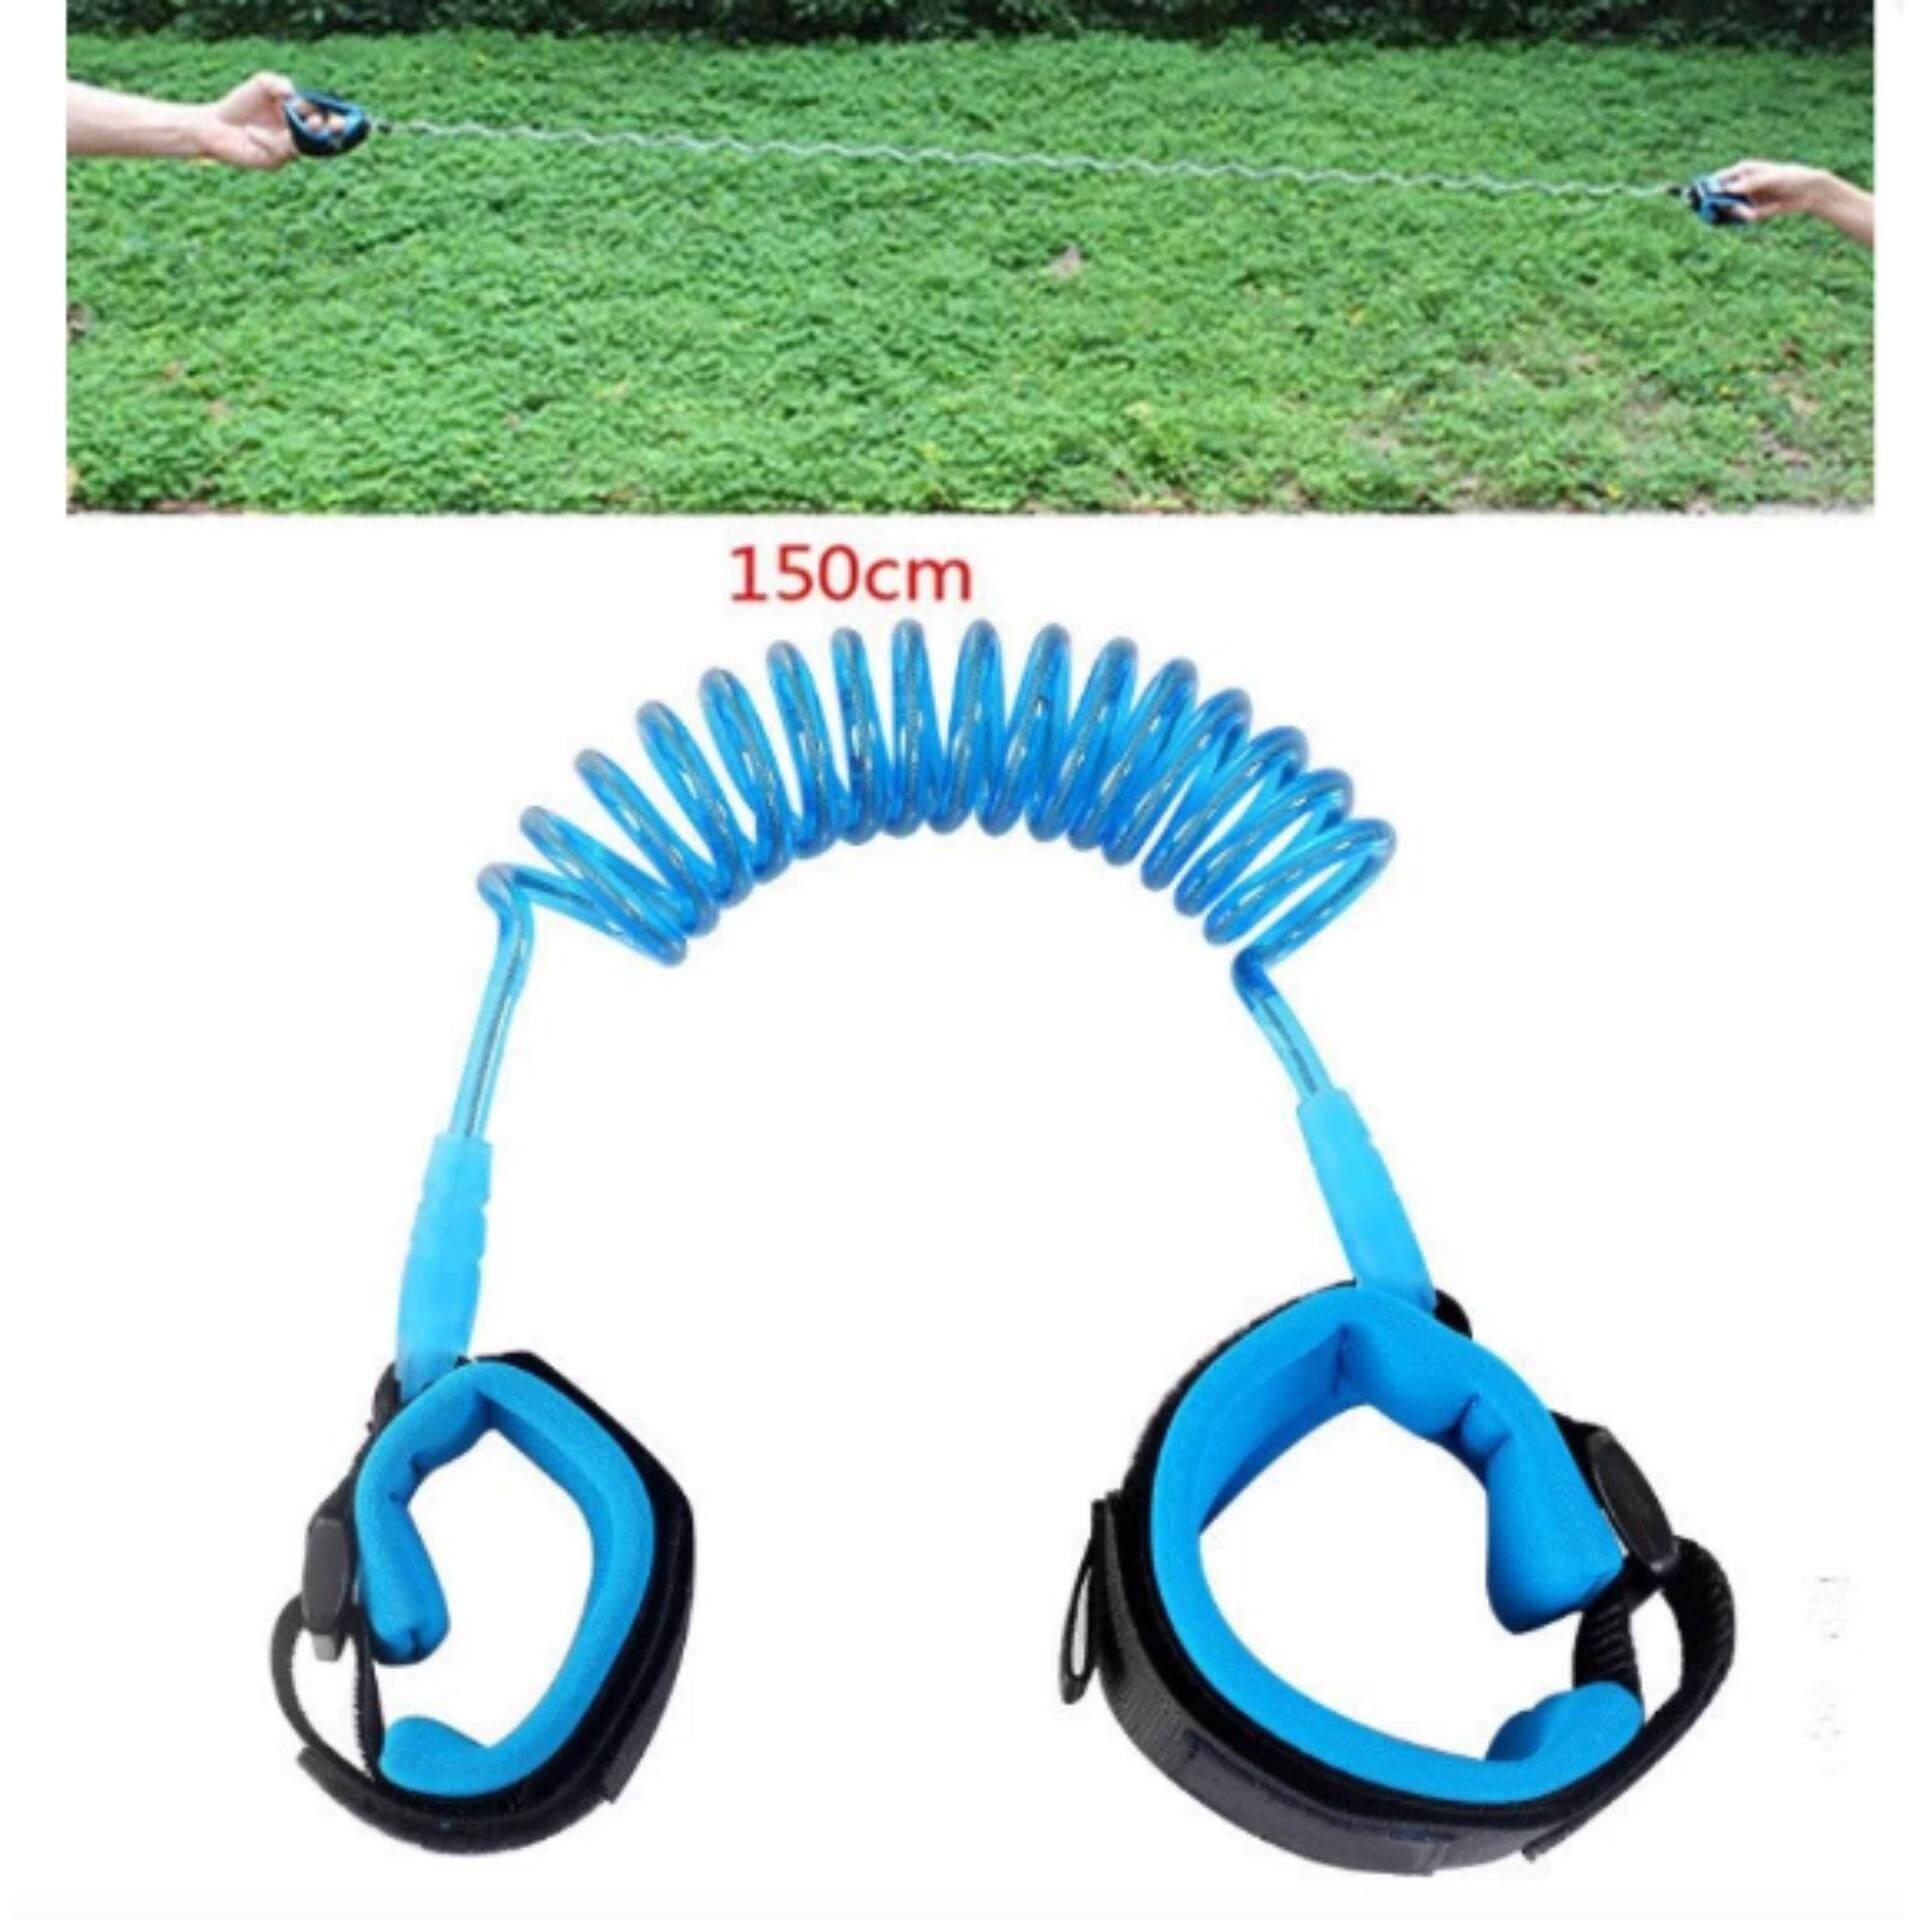 ซื้อเลย 1.5m Baby Child Anti Lost Safety Wrist Link Rope Band Leash Belt with Hook and Loop Fastener for 1-12 Years Old Kids BLUE ซื้อที่ไหน - มีเพียง ฿ ...